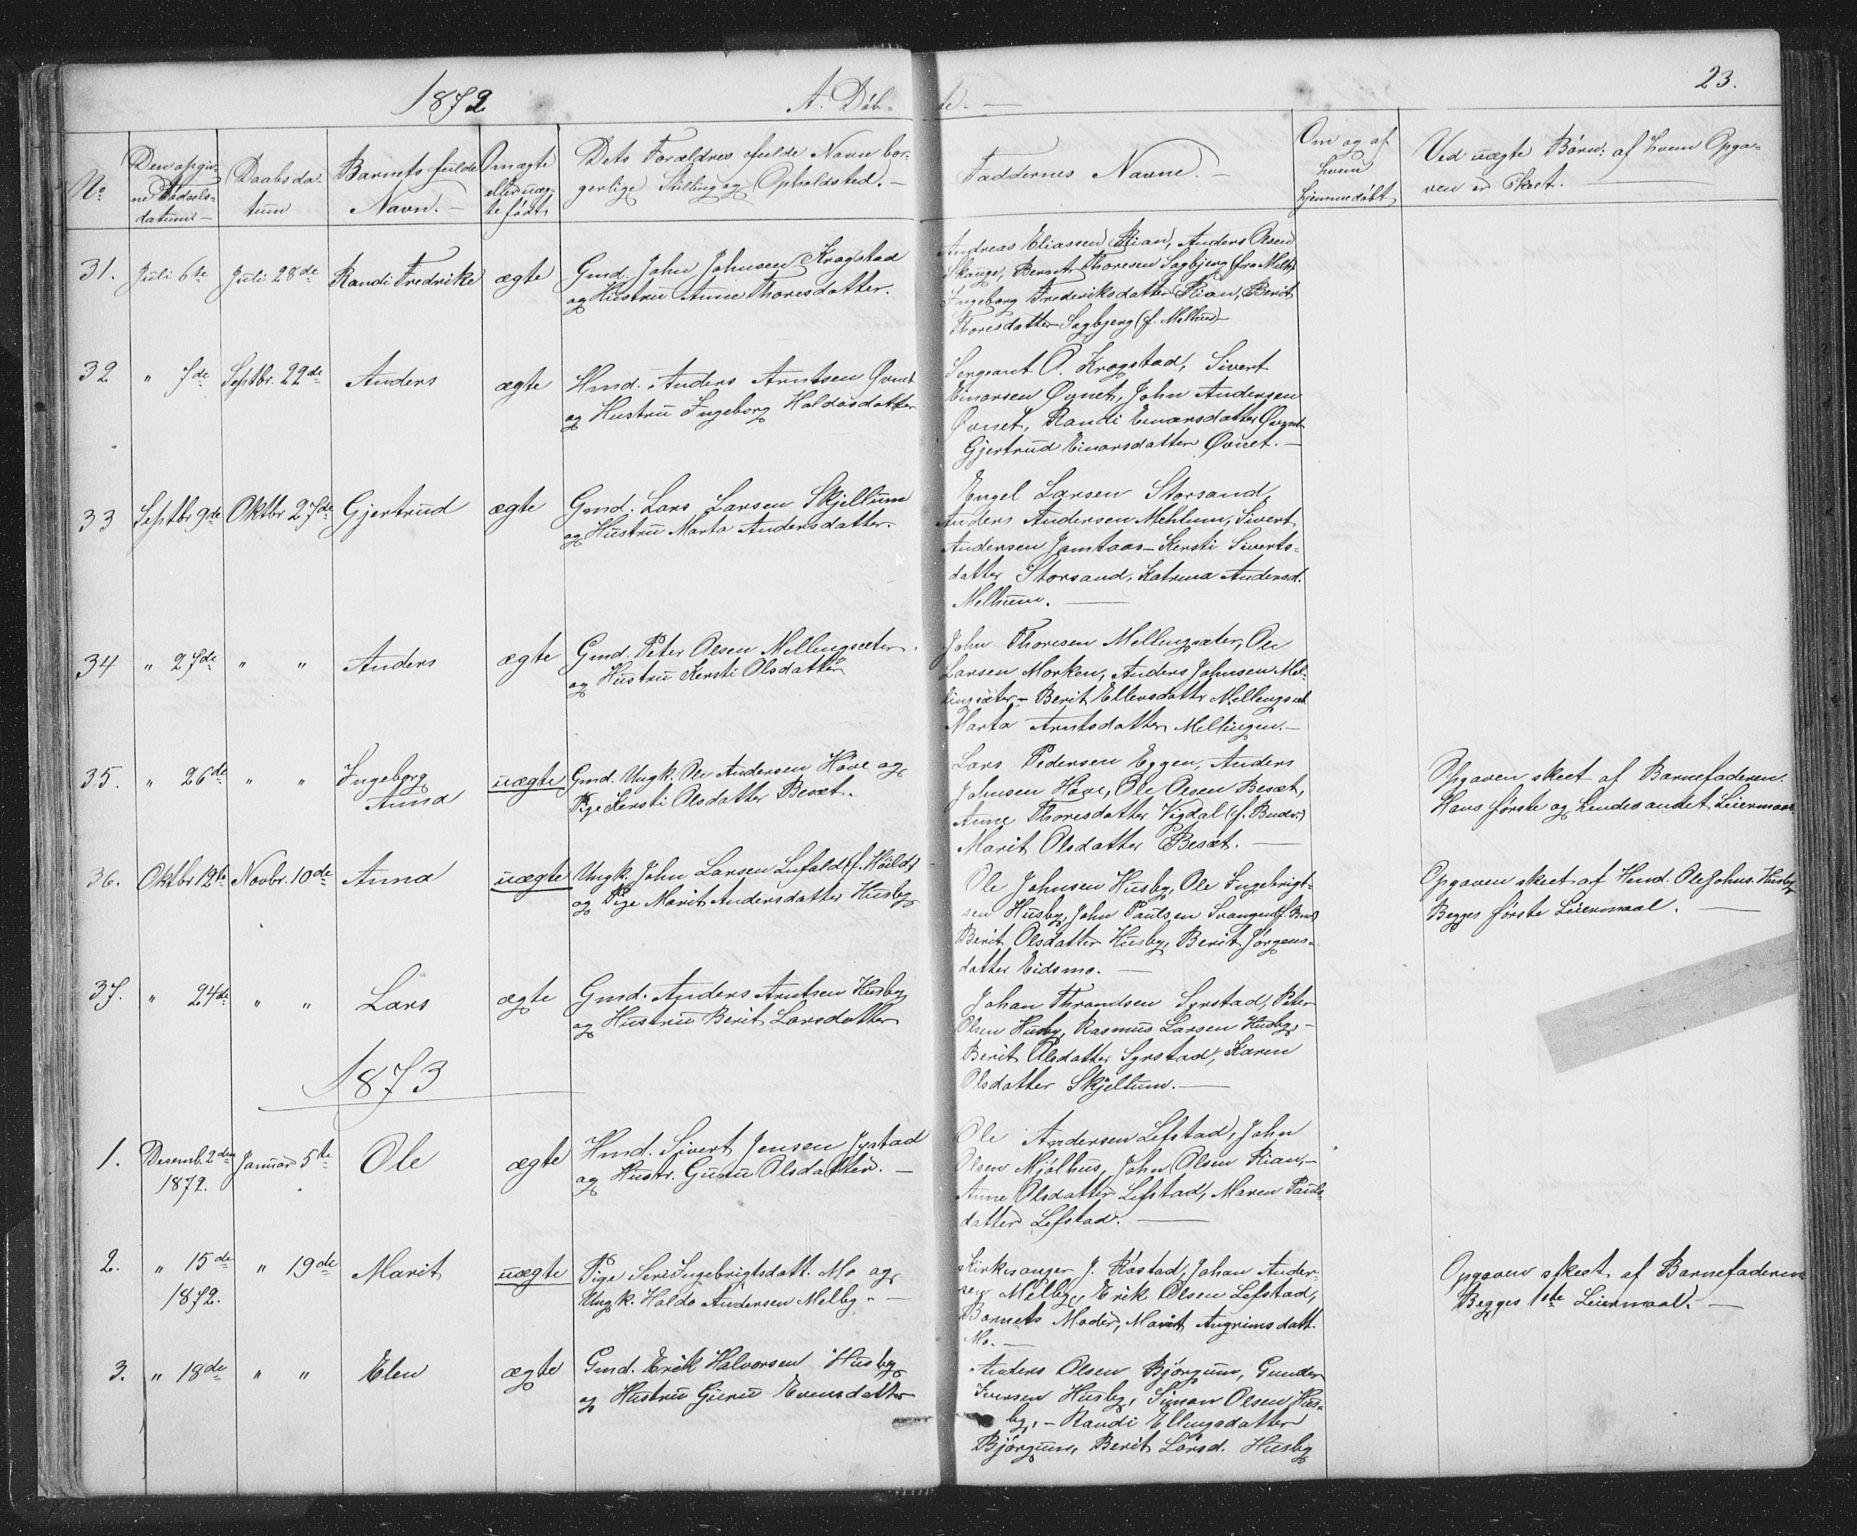 SAT, Ministerialprotokoller, klokkerbøker og fødselsregistre - Sør-Trøndelag, 667/L0798: Klokkerbok nr. 667C03, 1867-1929, s. 23